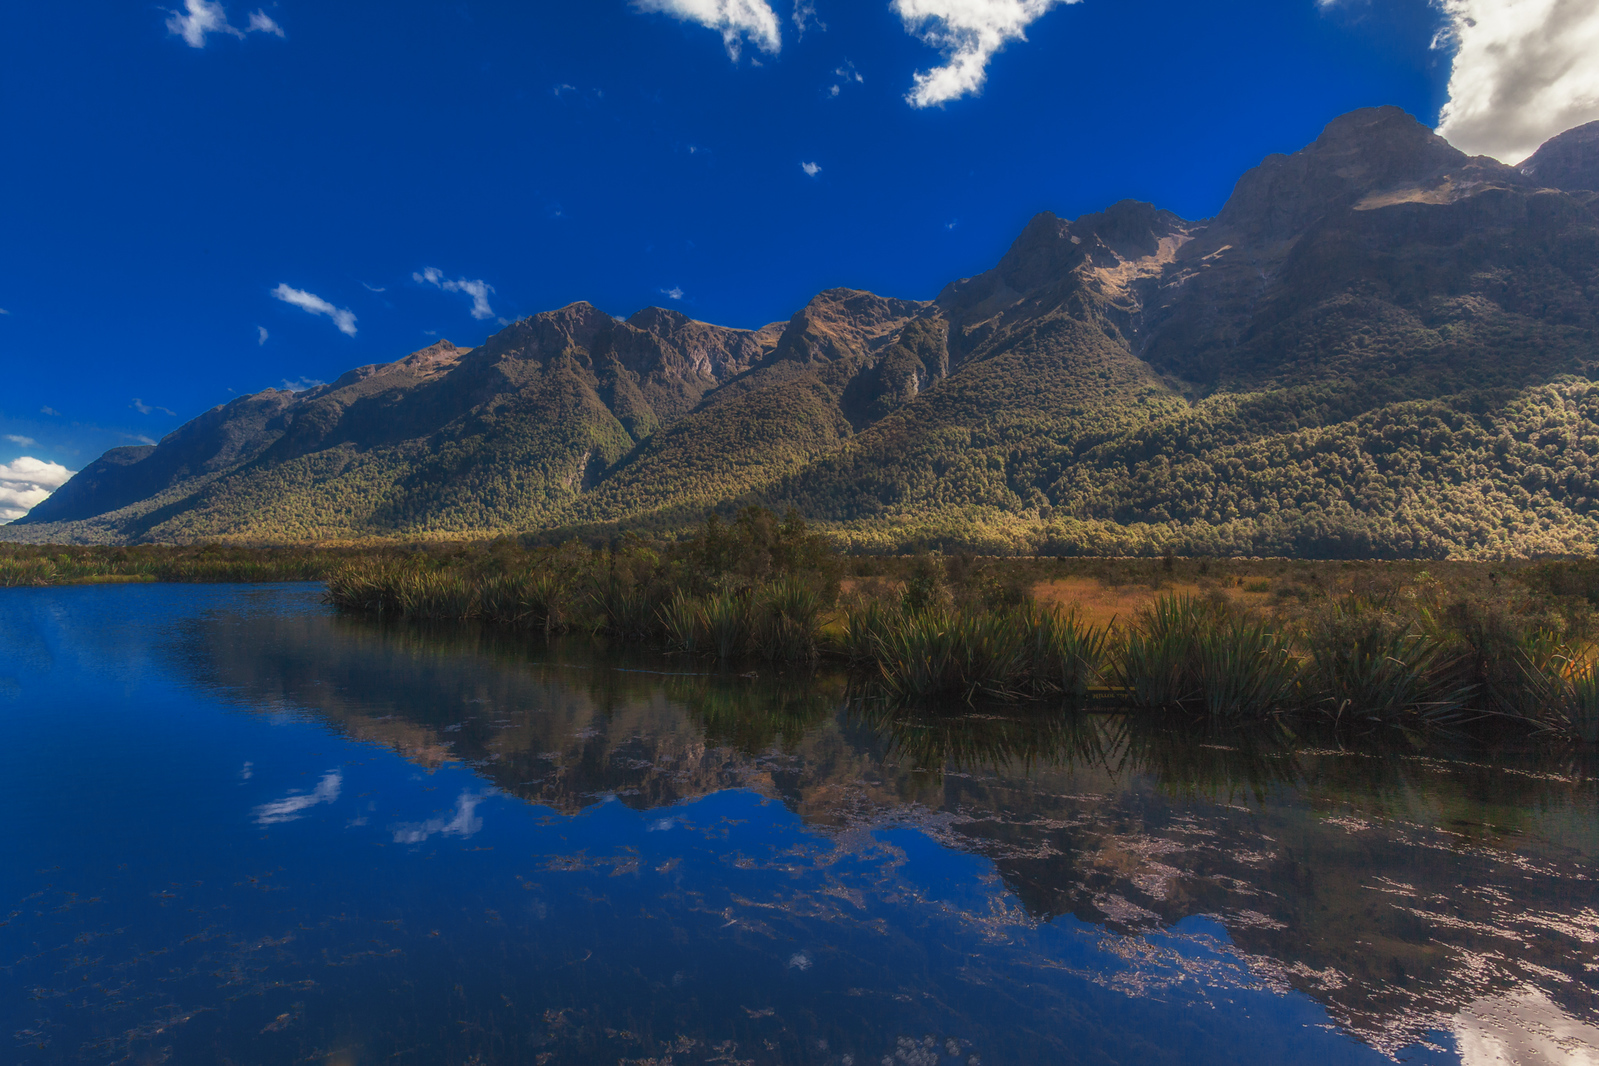 The Mirror lakes near Huka Falls, New Zealand